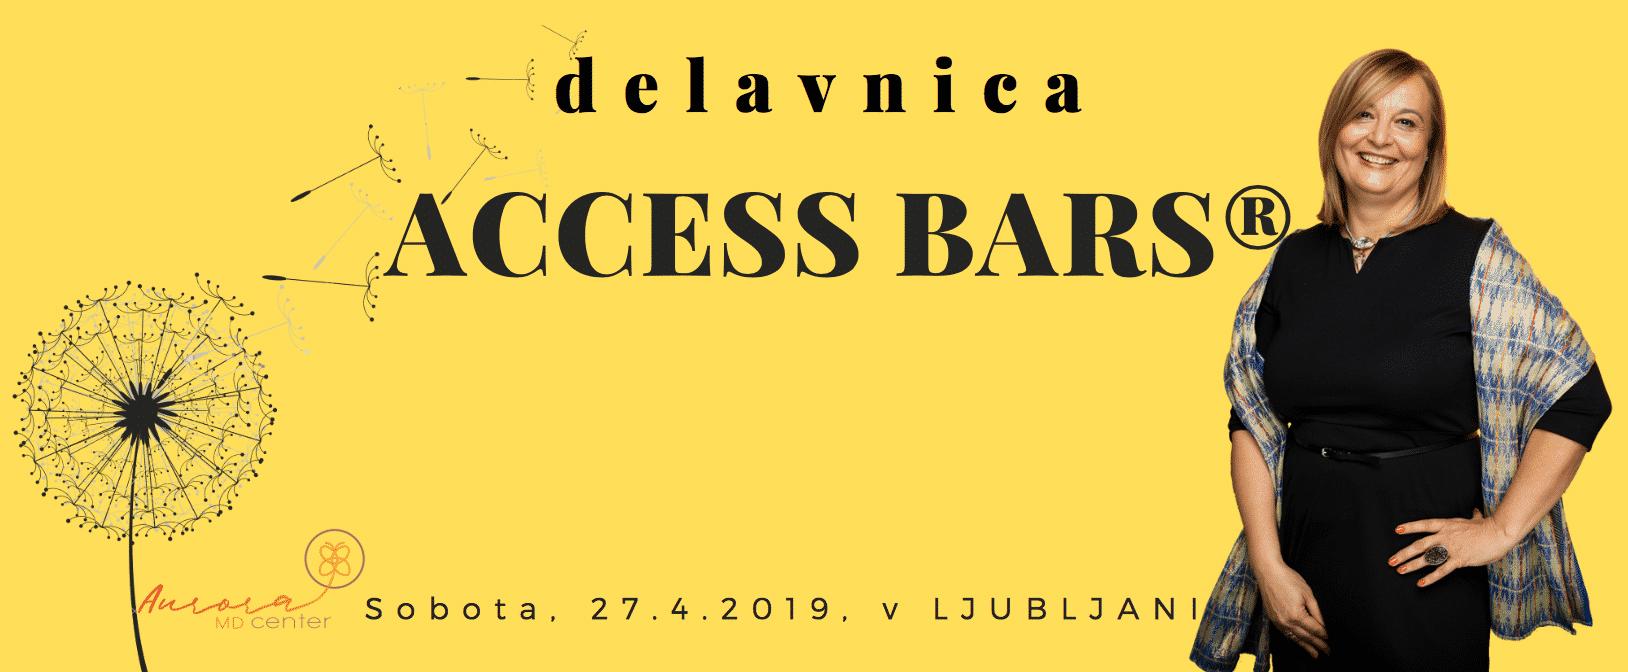 Access BARS® delavnica z zdravnico